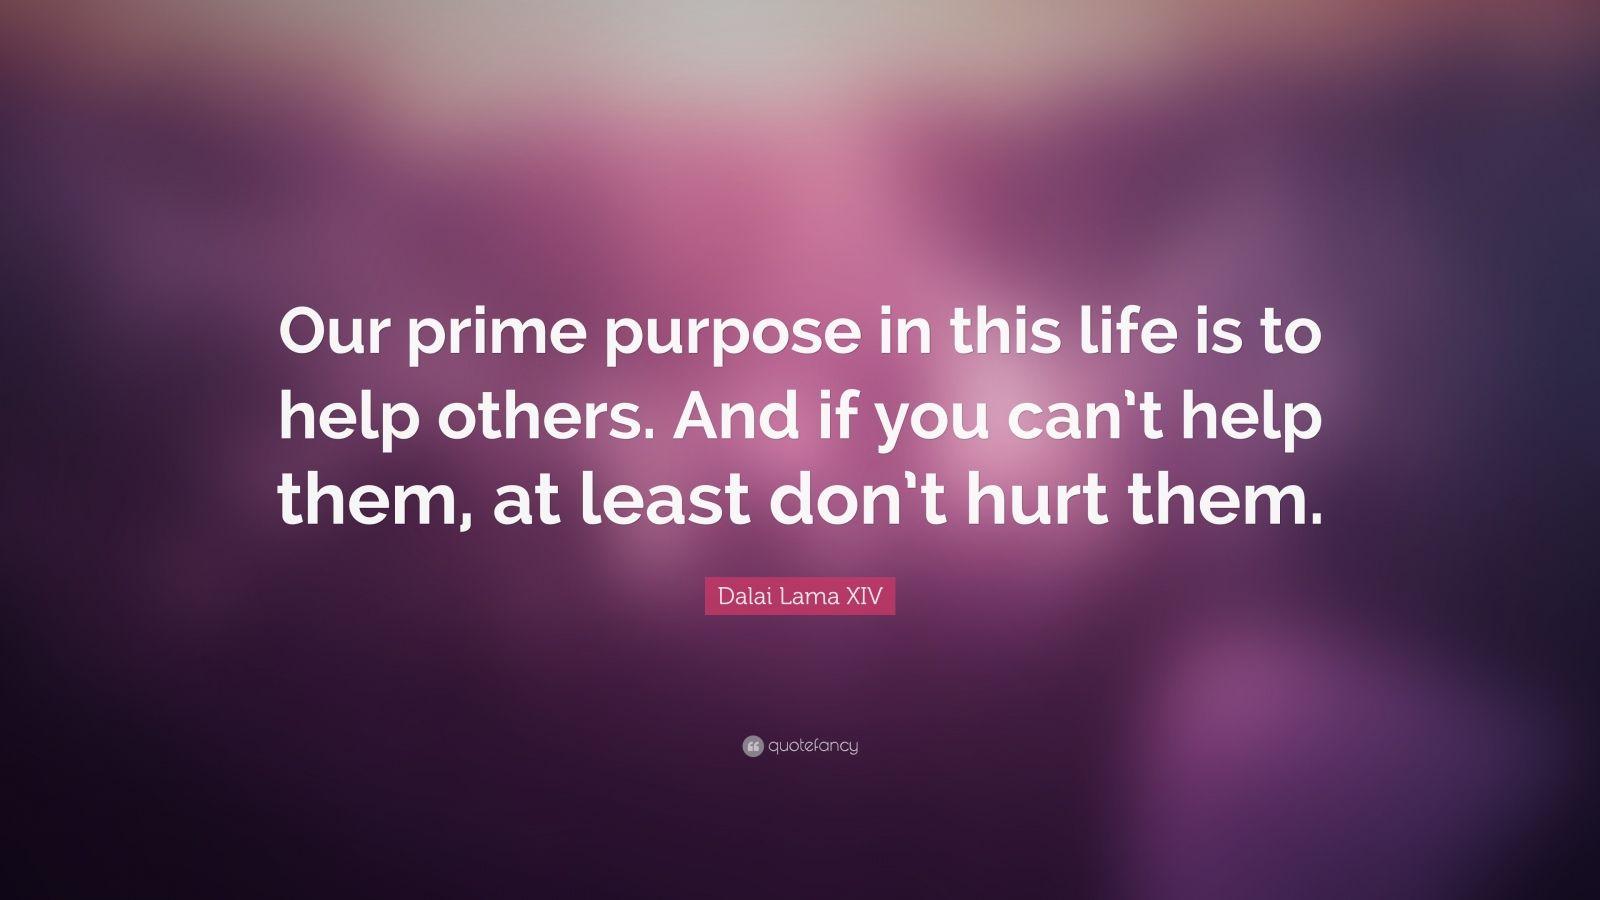 Dalai Lama Wallpaper Quotes Dalai Lama Xiv Quote Our Prime Purpose In This Life Is